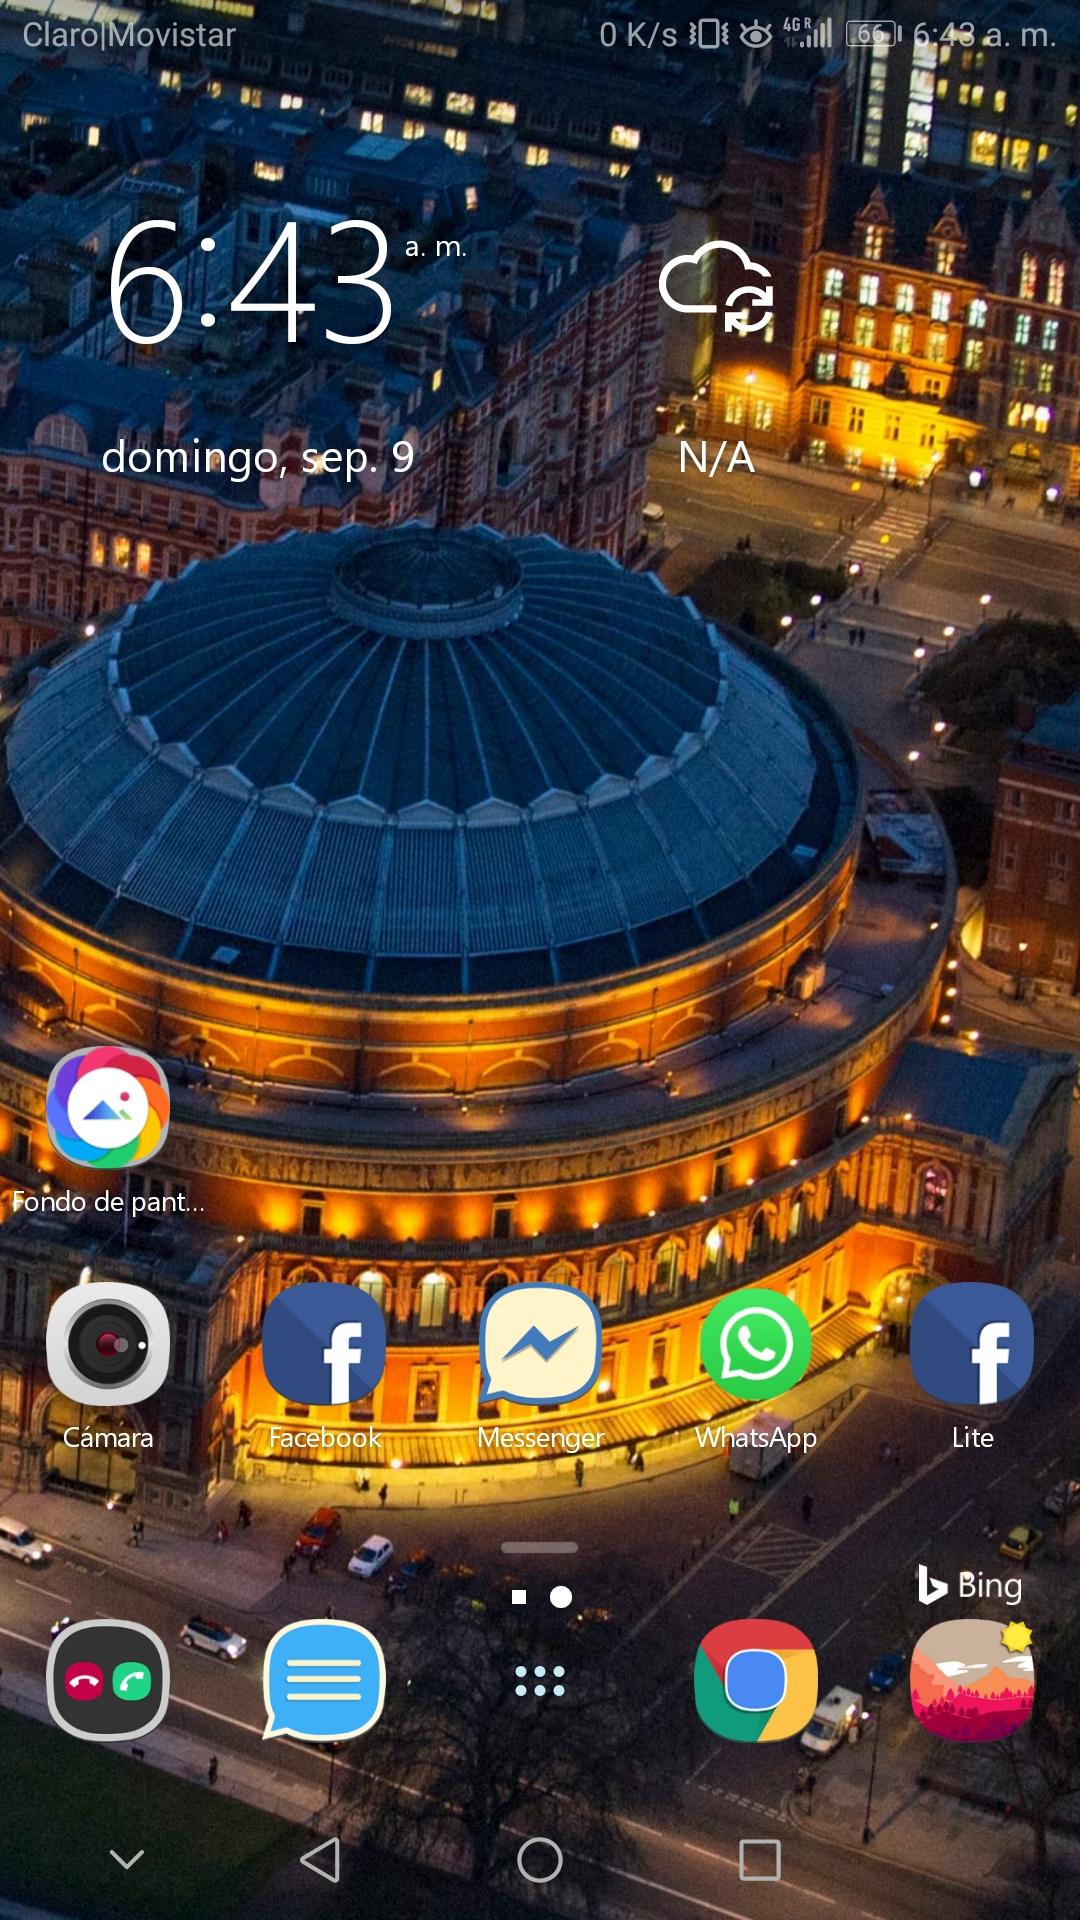 Screenshot_20180909-064325.jpg